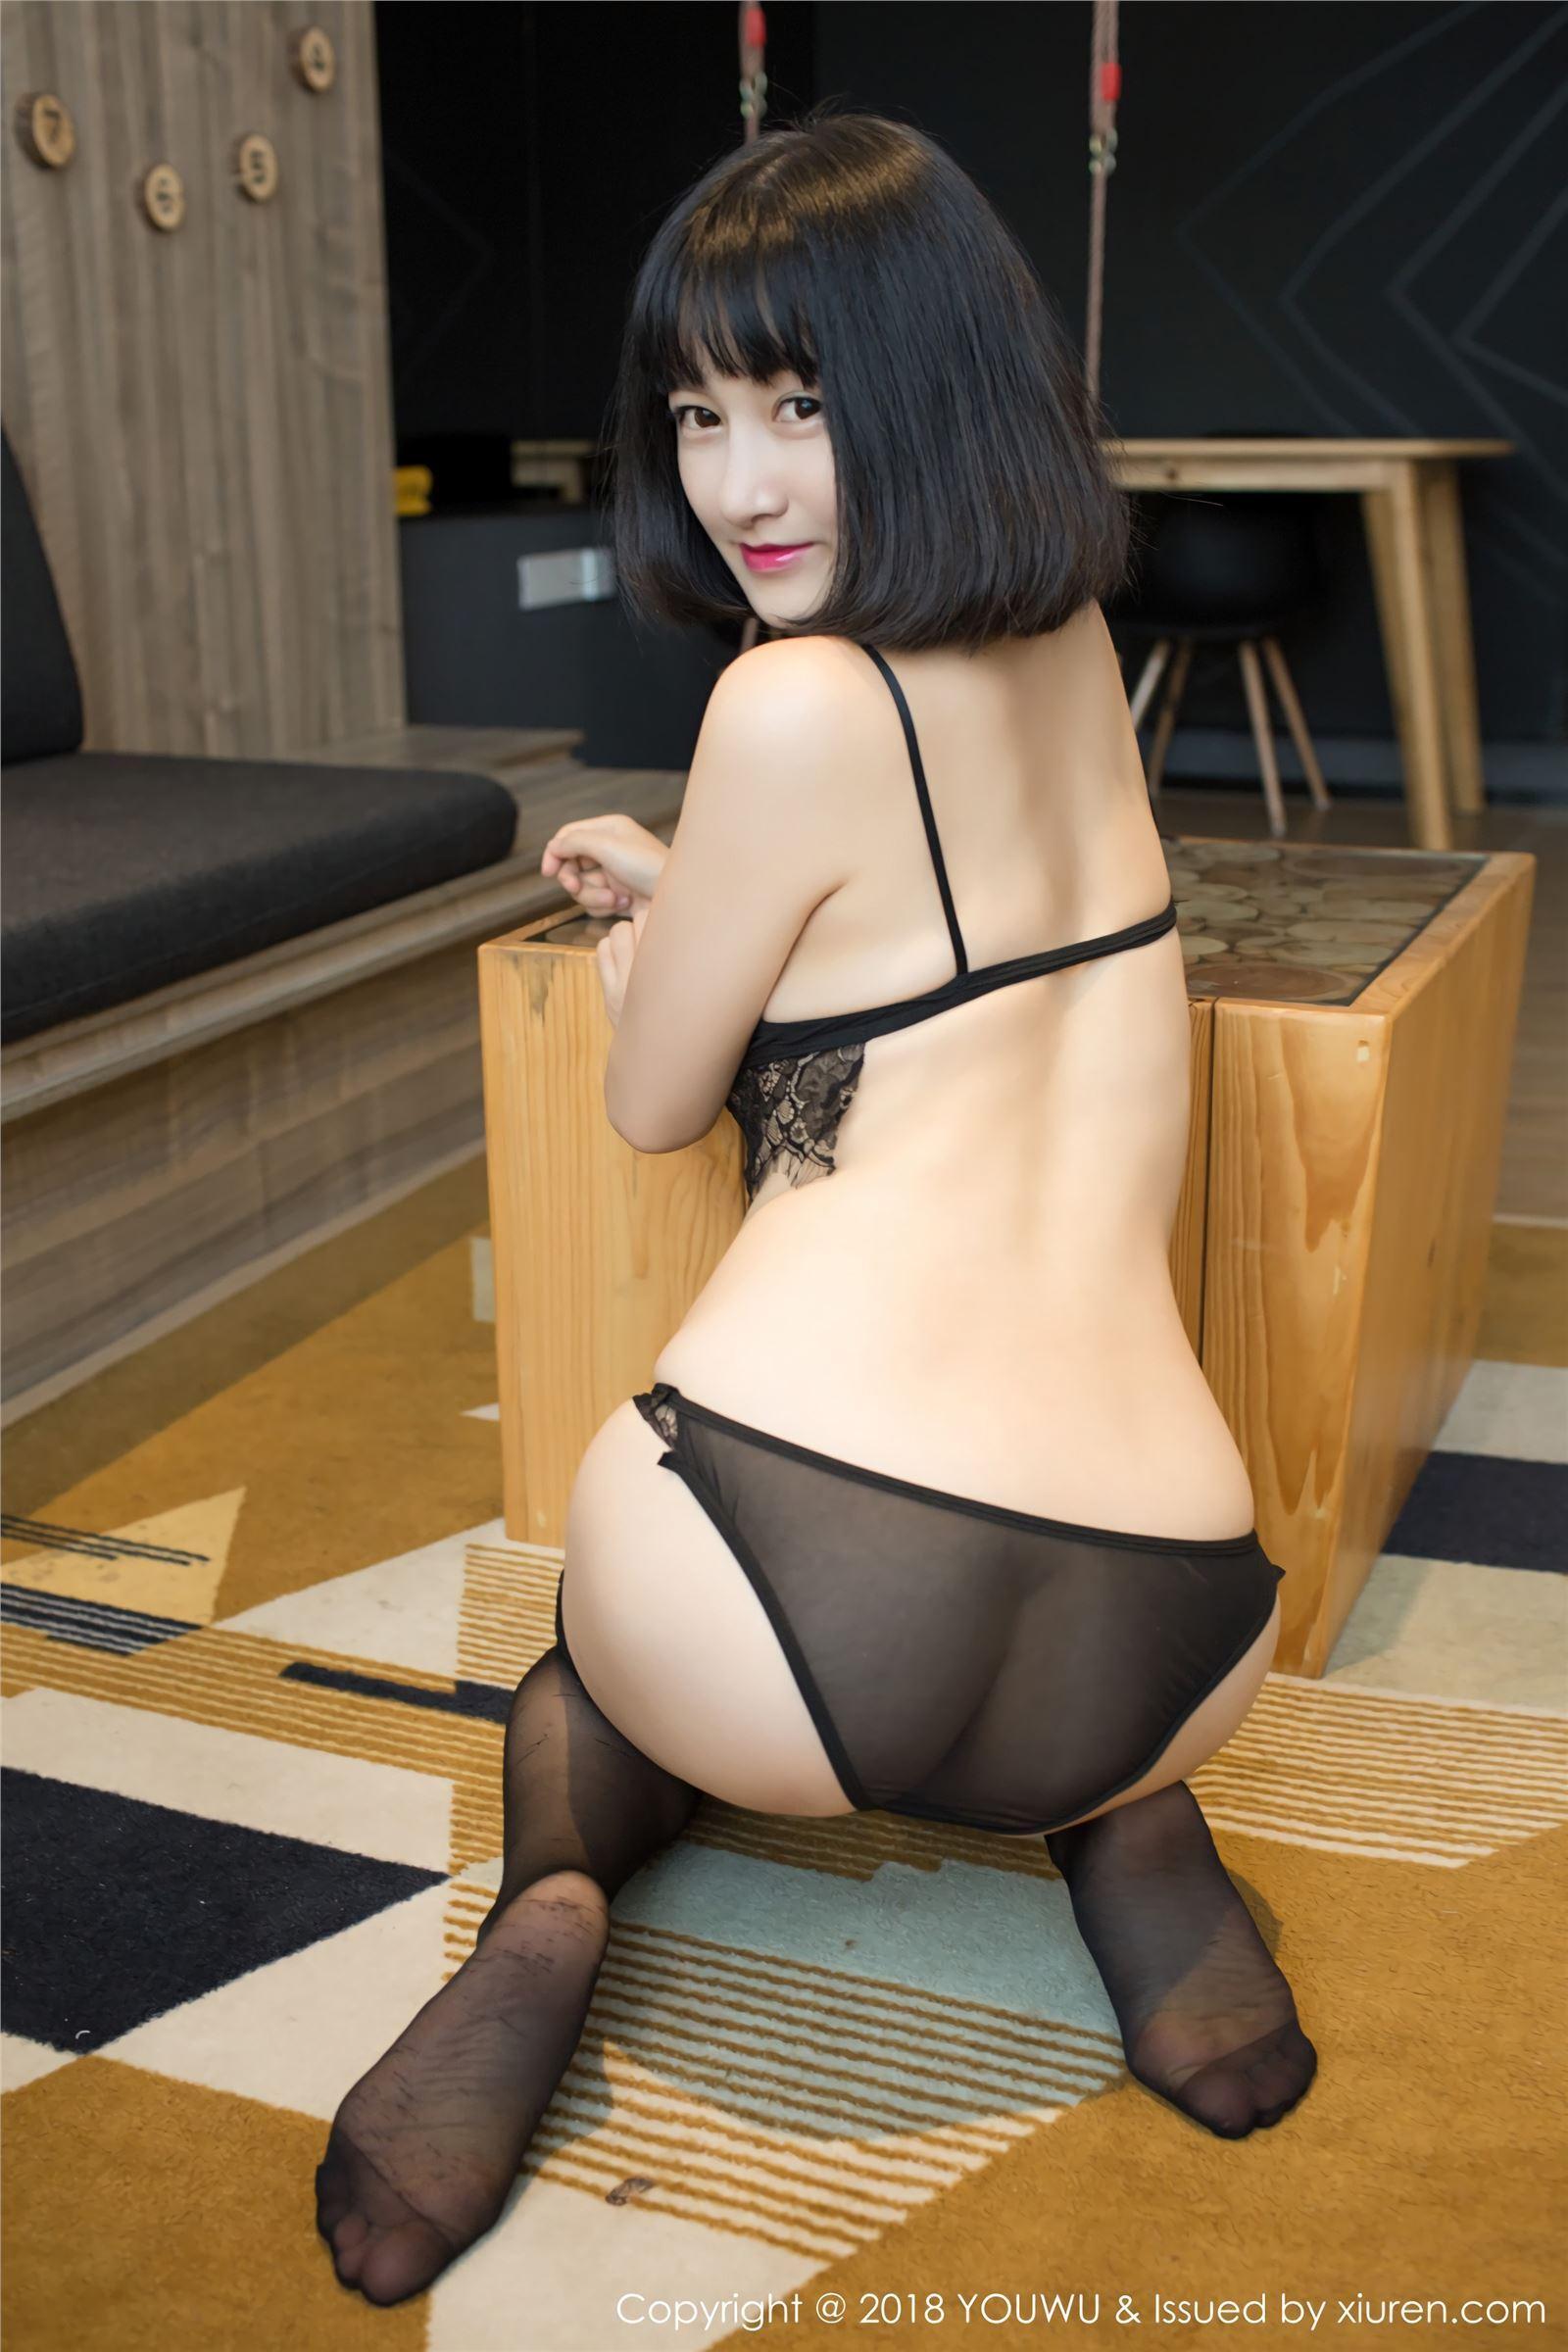 YouWu 尤物馆 2018.08.29 VOL.114 小探戈